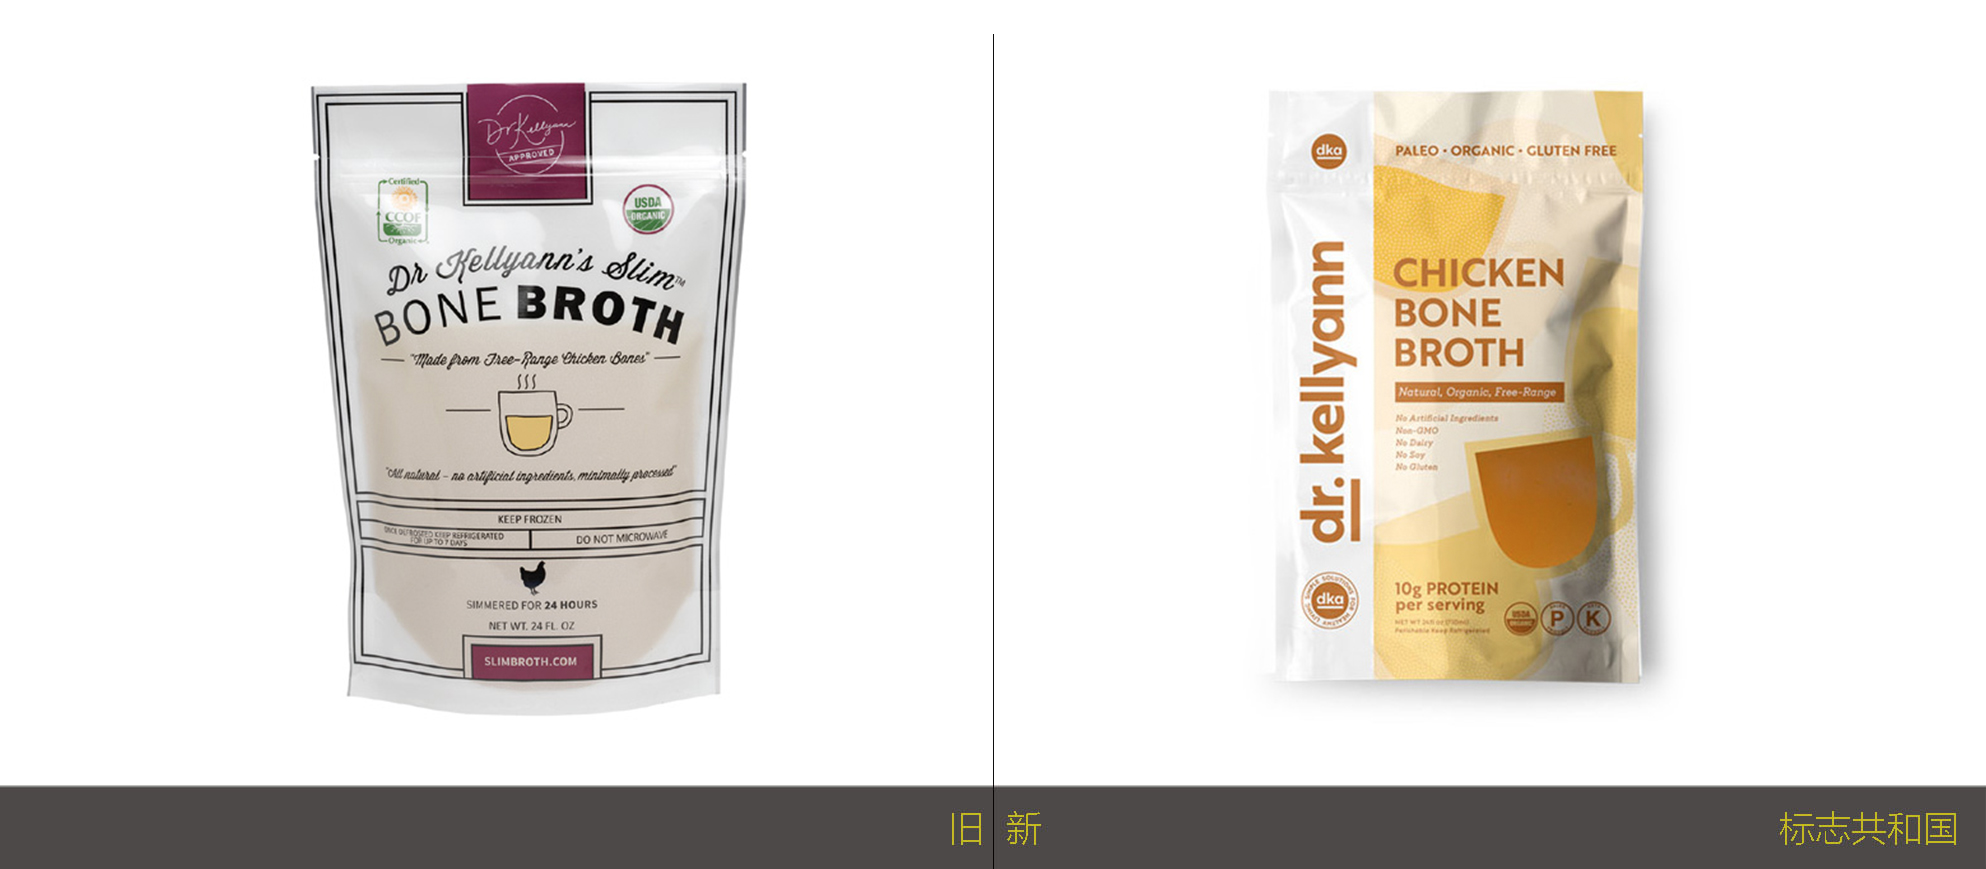 自然疗法营养师Kellyann博士的品牌标识和包装设计